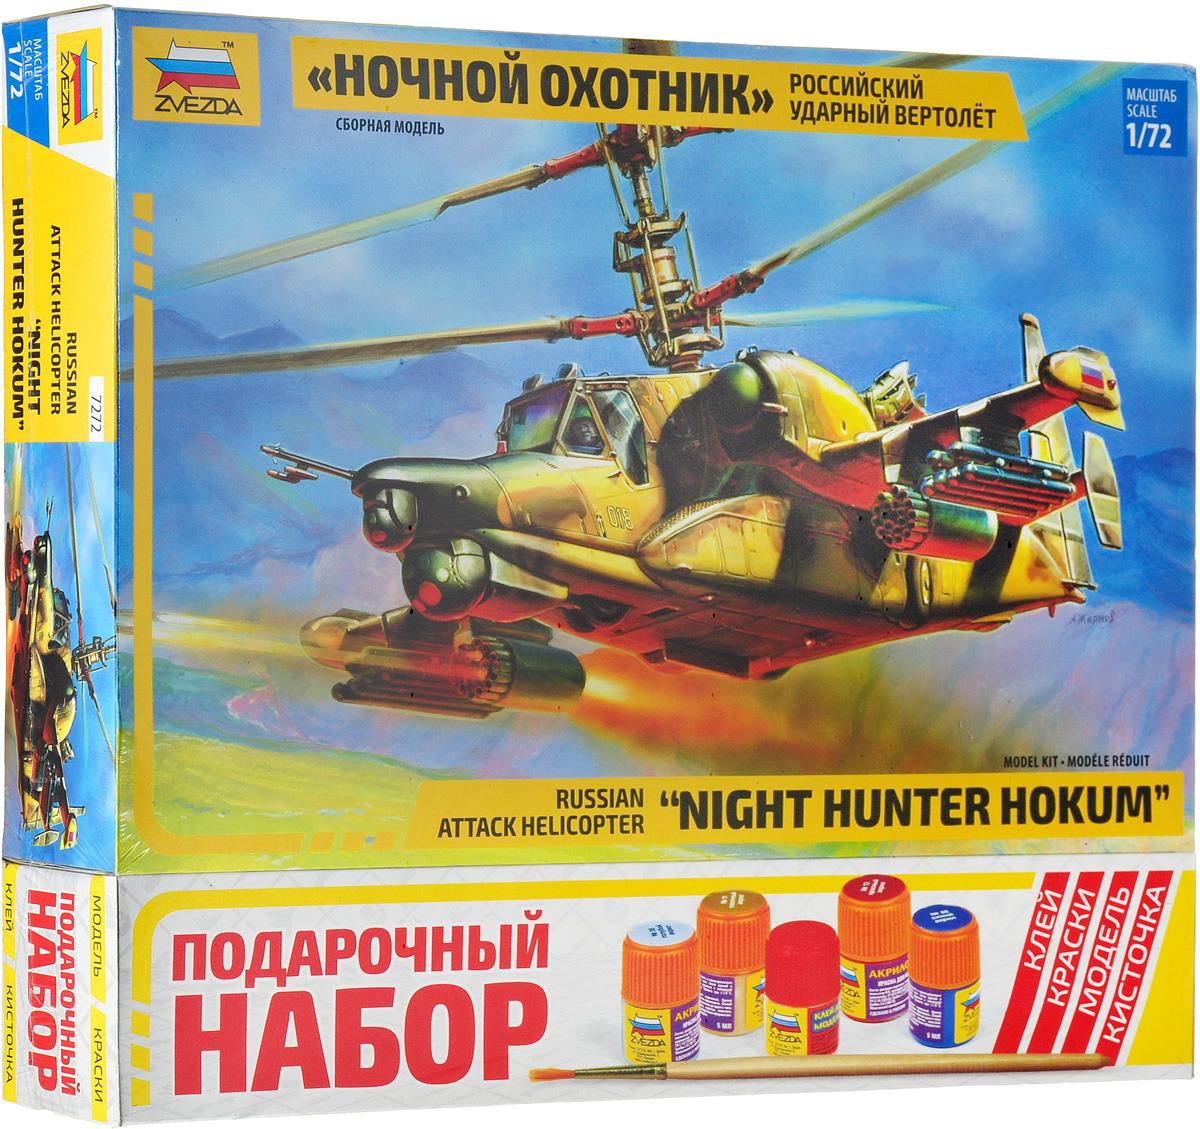 Набор для сборки и раскрашивания Российский боевой вертолет Ка-50Ш Ночной охотник николай якубович ударные вертолеты россии ка 52 аллигатор и ми 28н ночной охотник